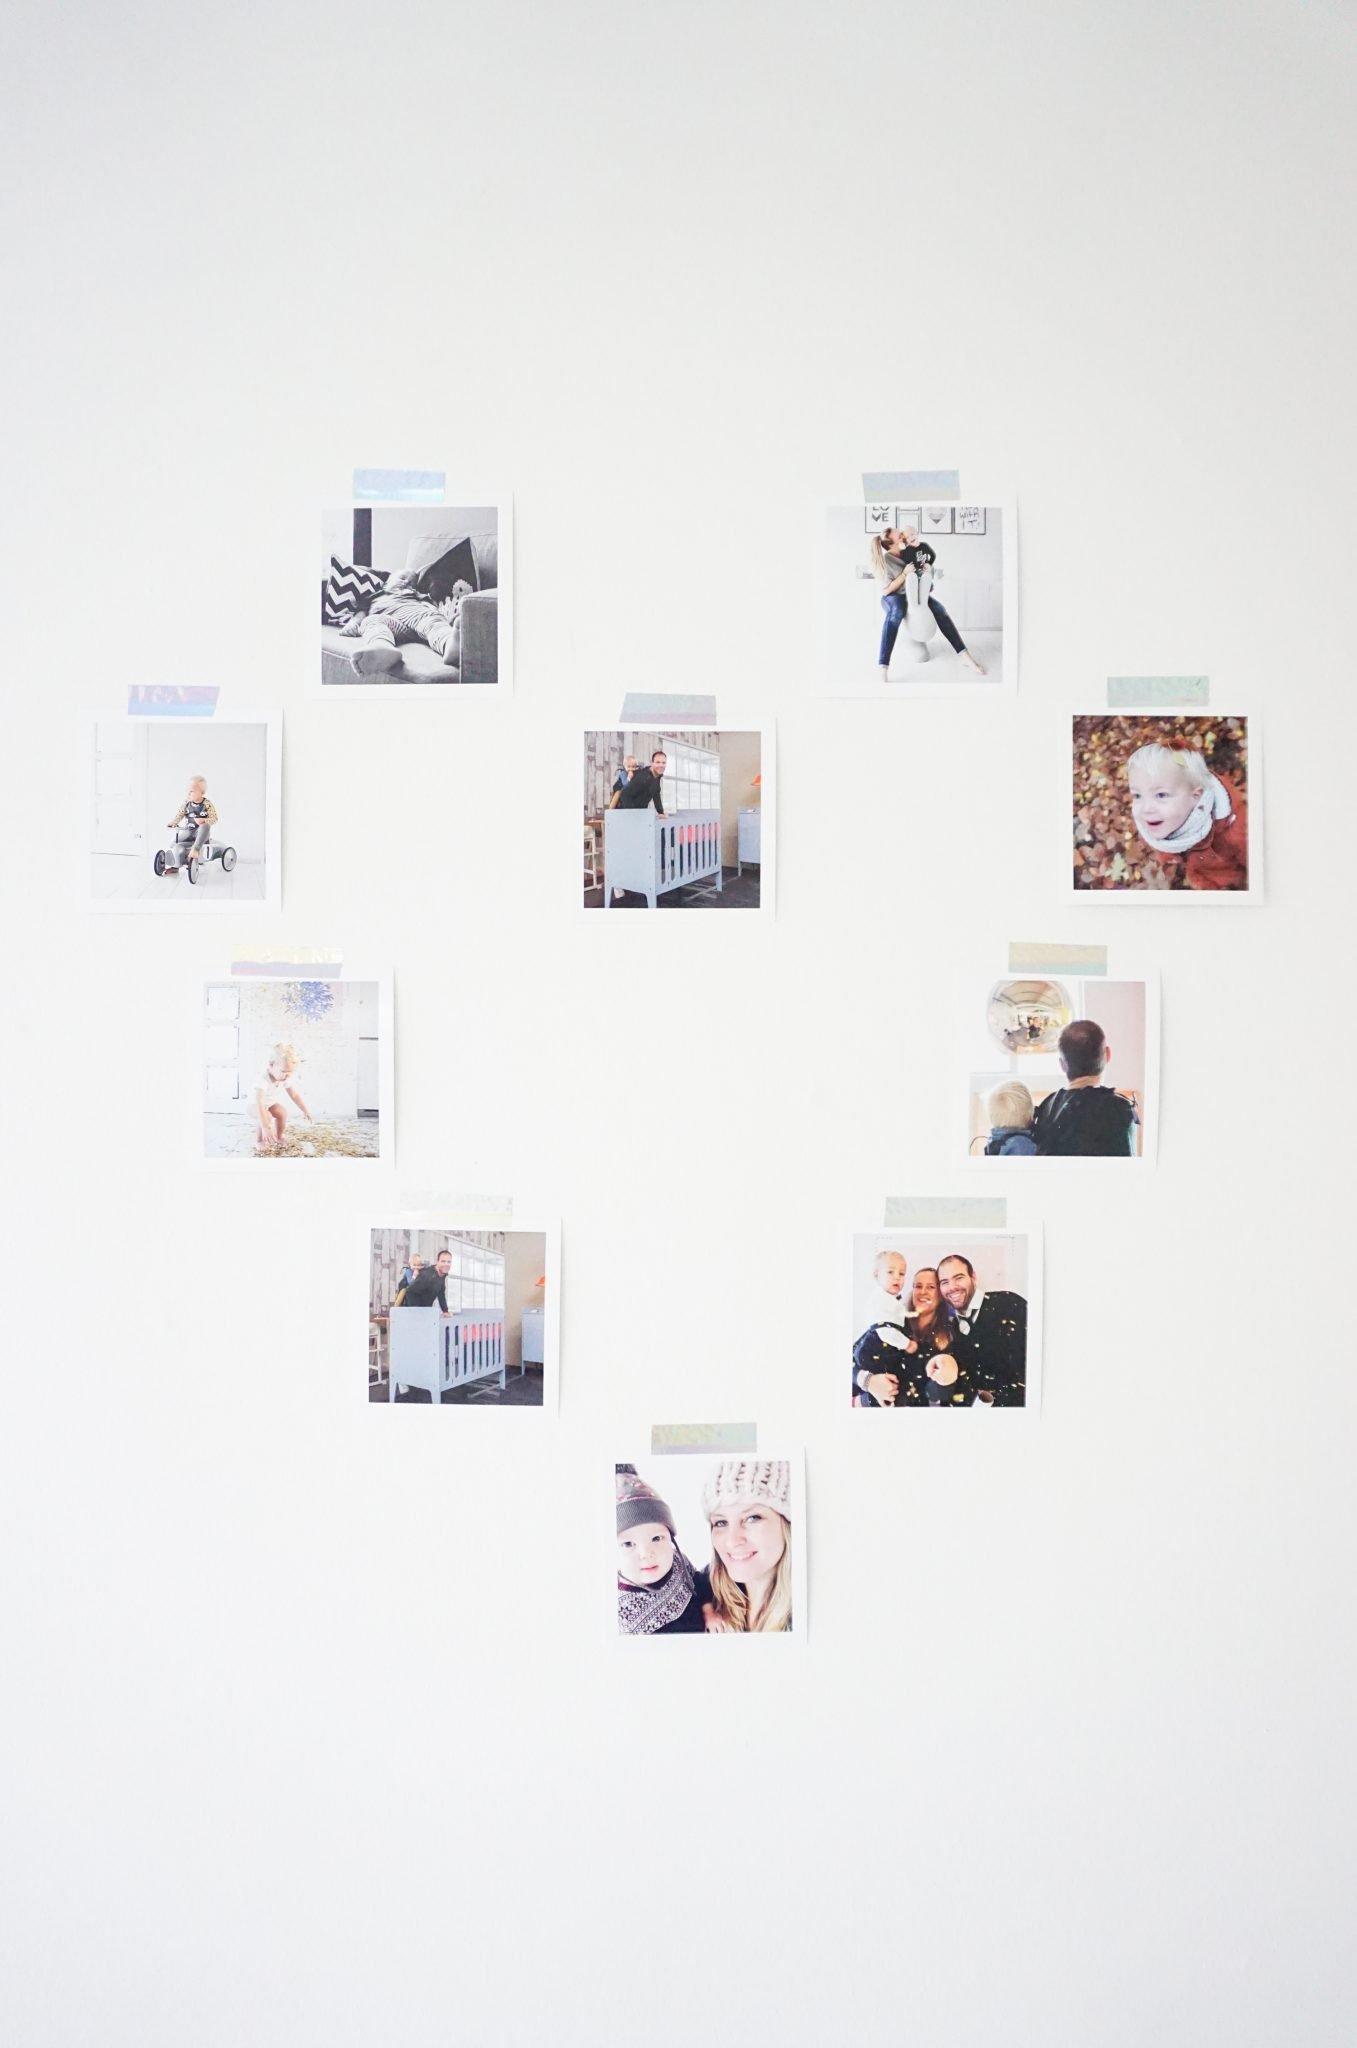 polaroid foto timelapp